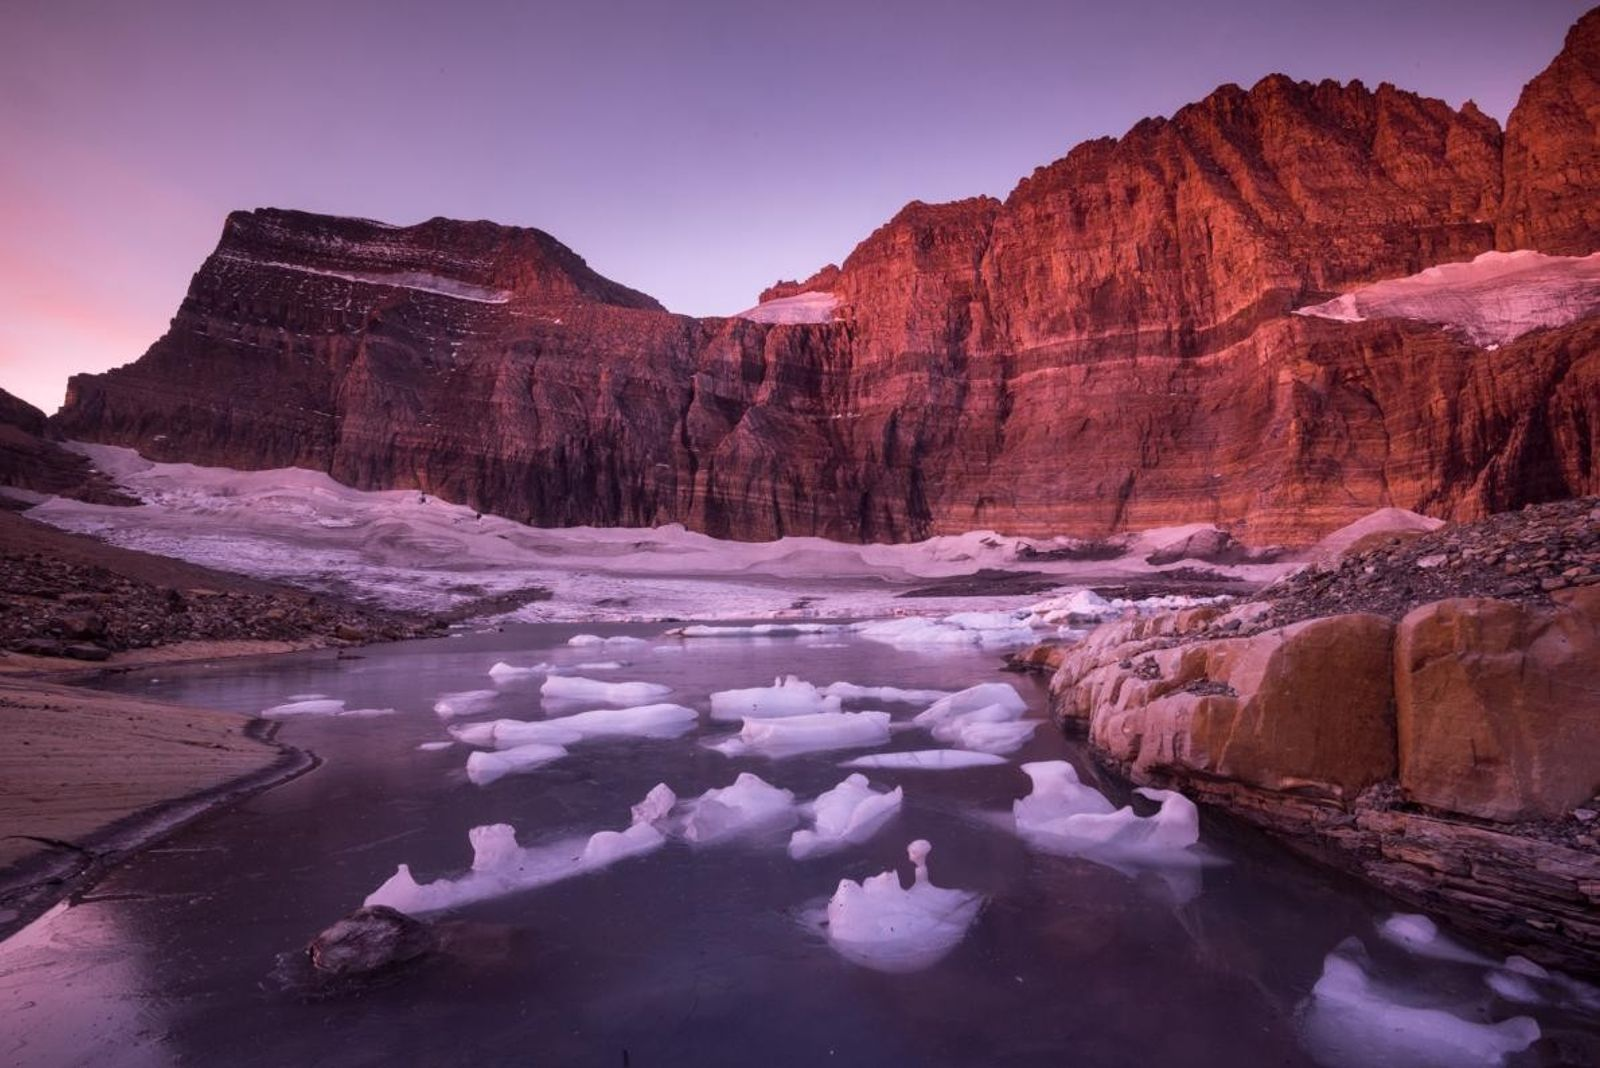 Des fragments de glace récemment vêlée flottent au pied du glacier Grinnell. Depuis 1850, la hausse ...